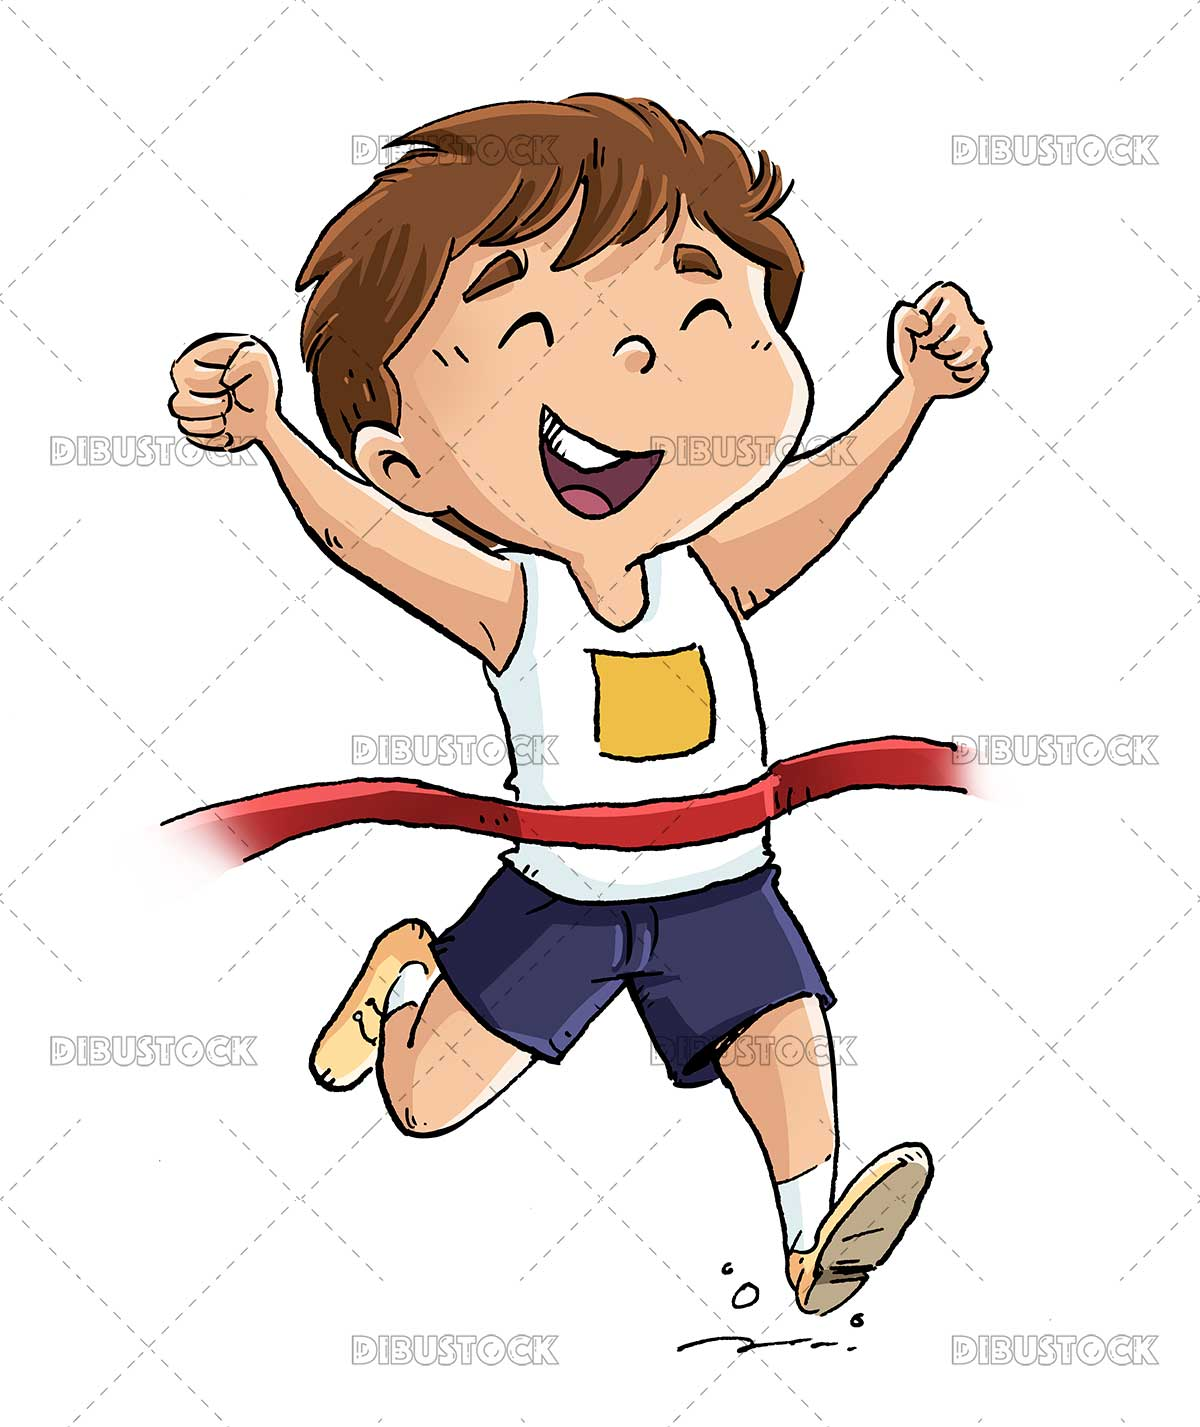 Illustration of kid runner reaching the finish line